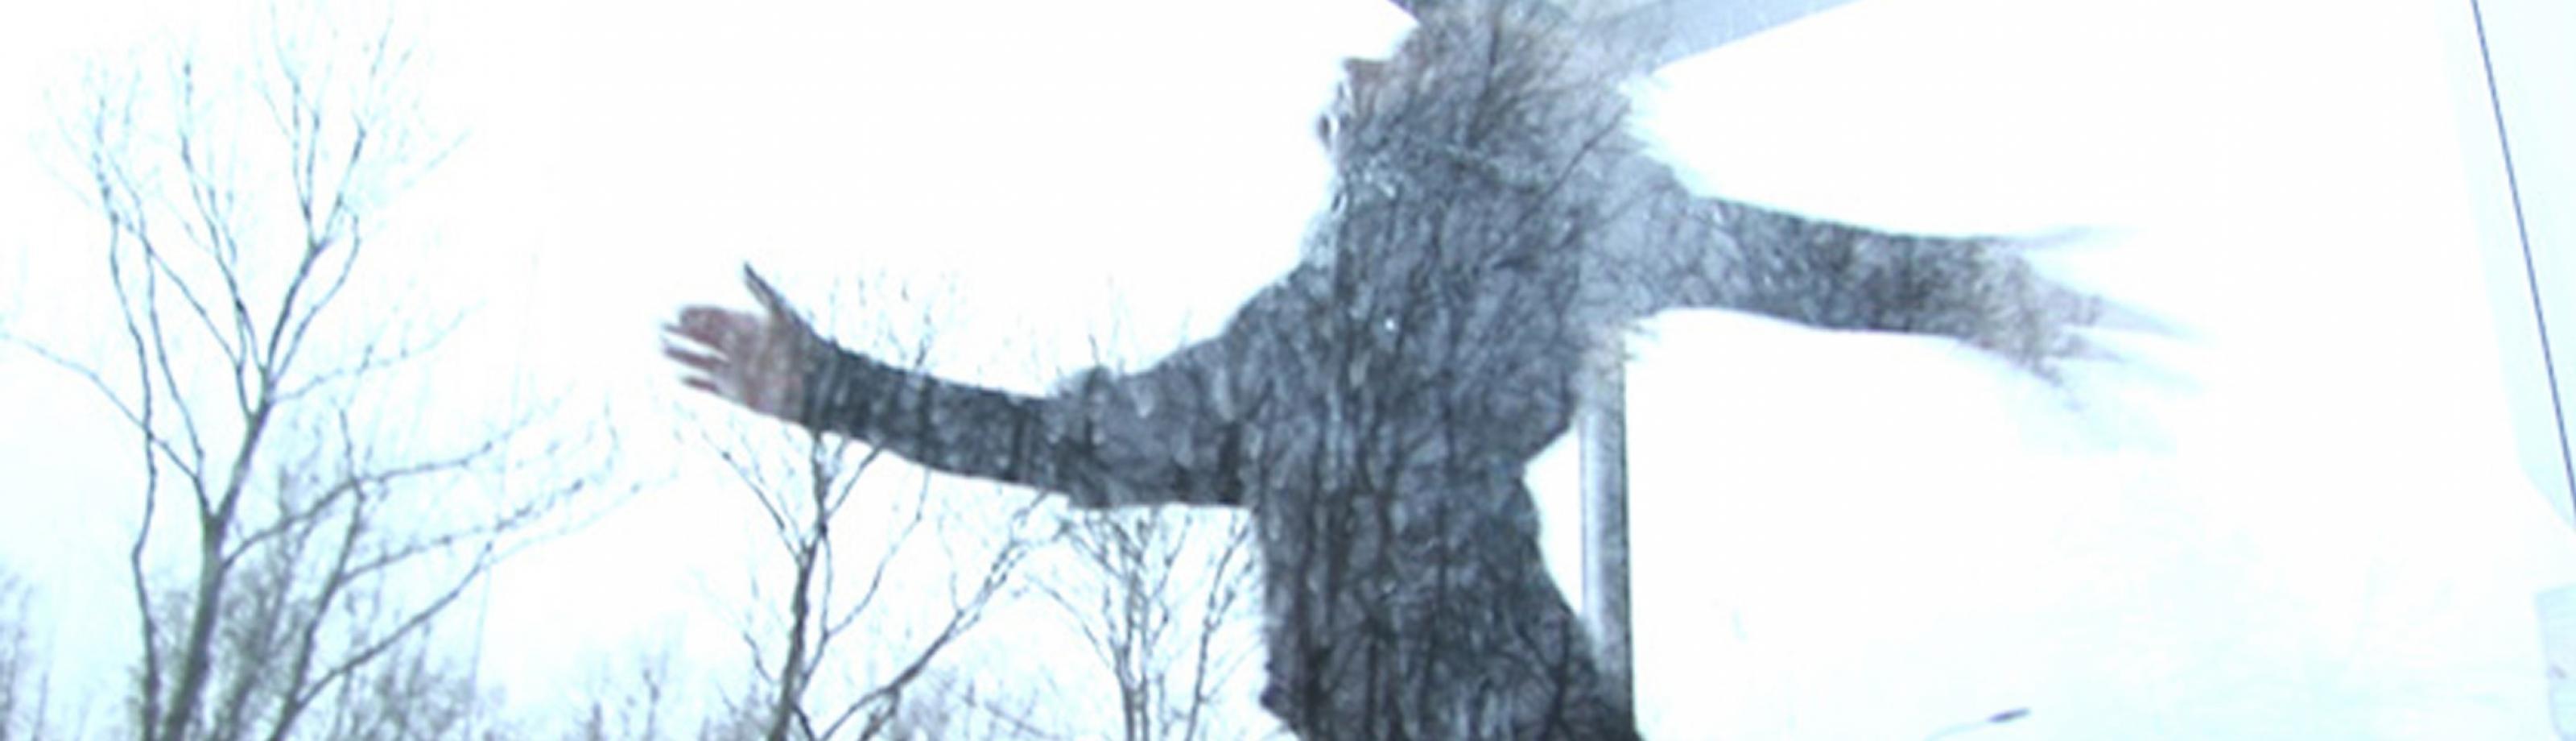 Dag 1 trees filmnr 228 kopie